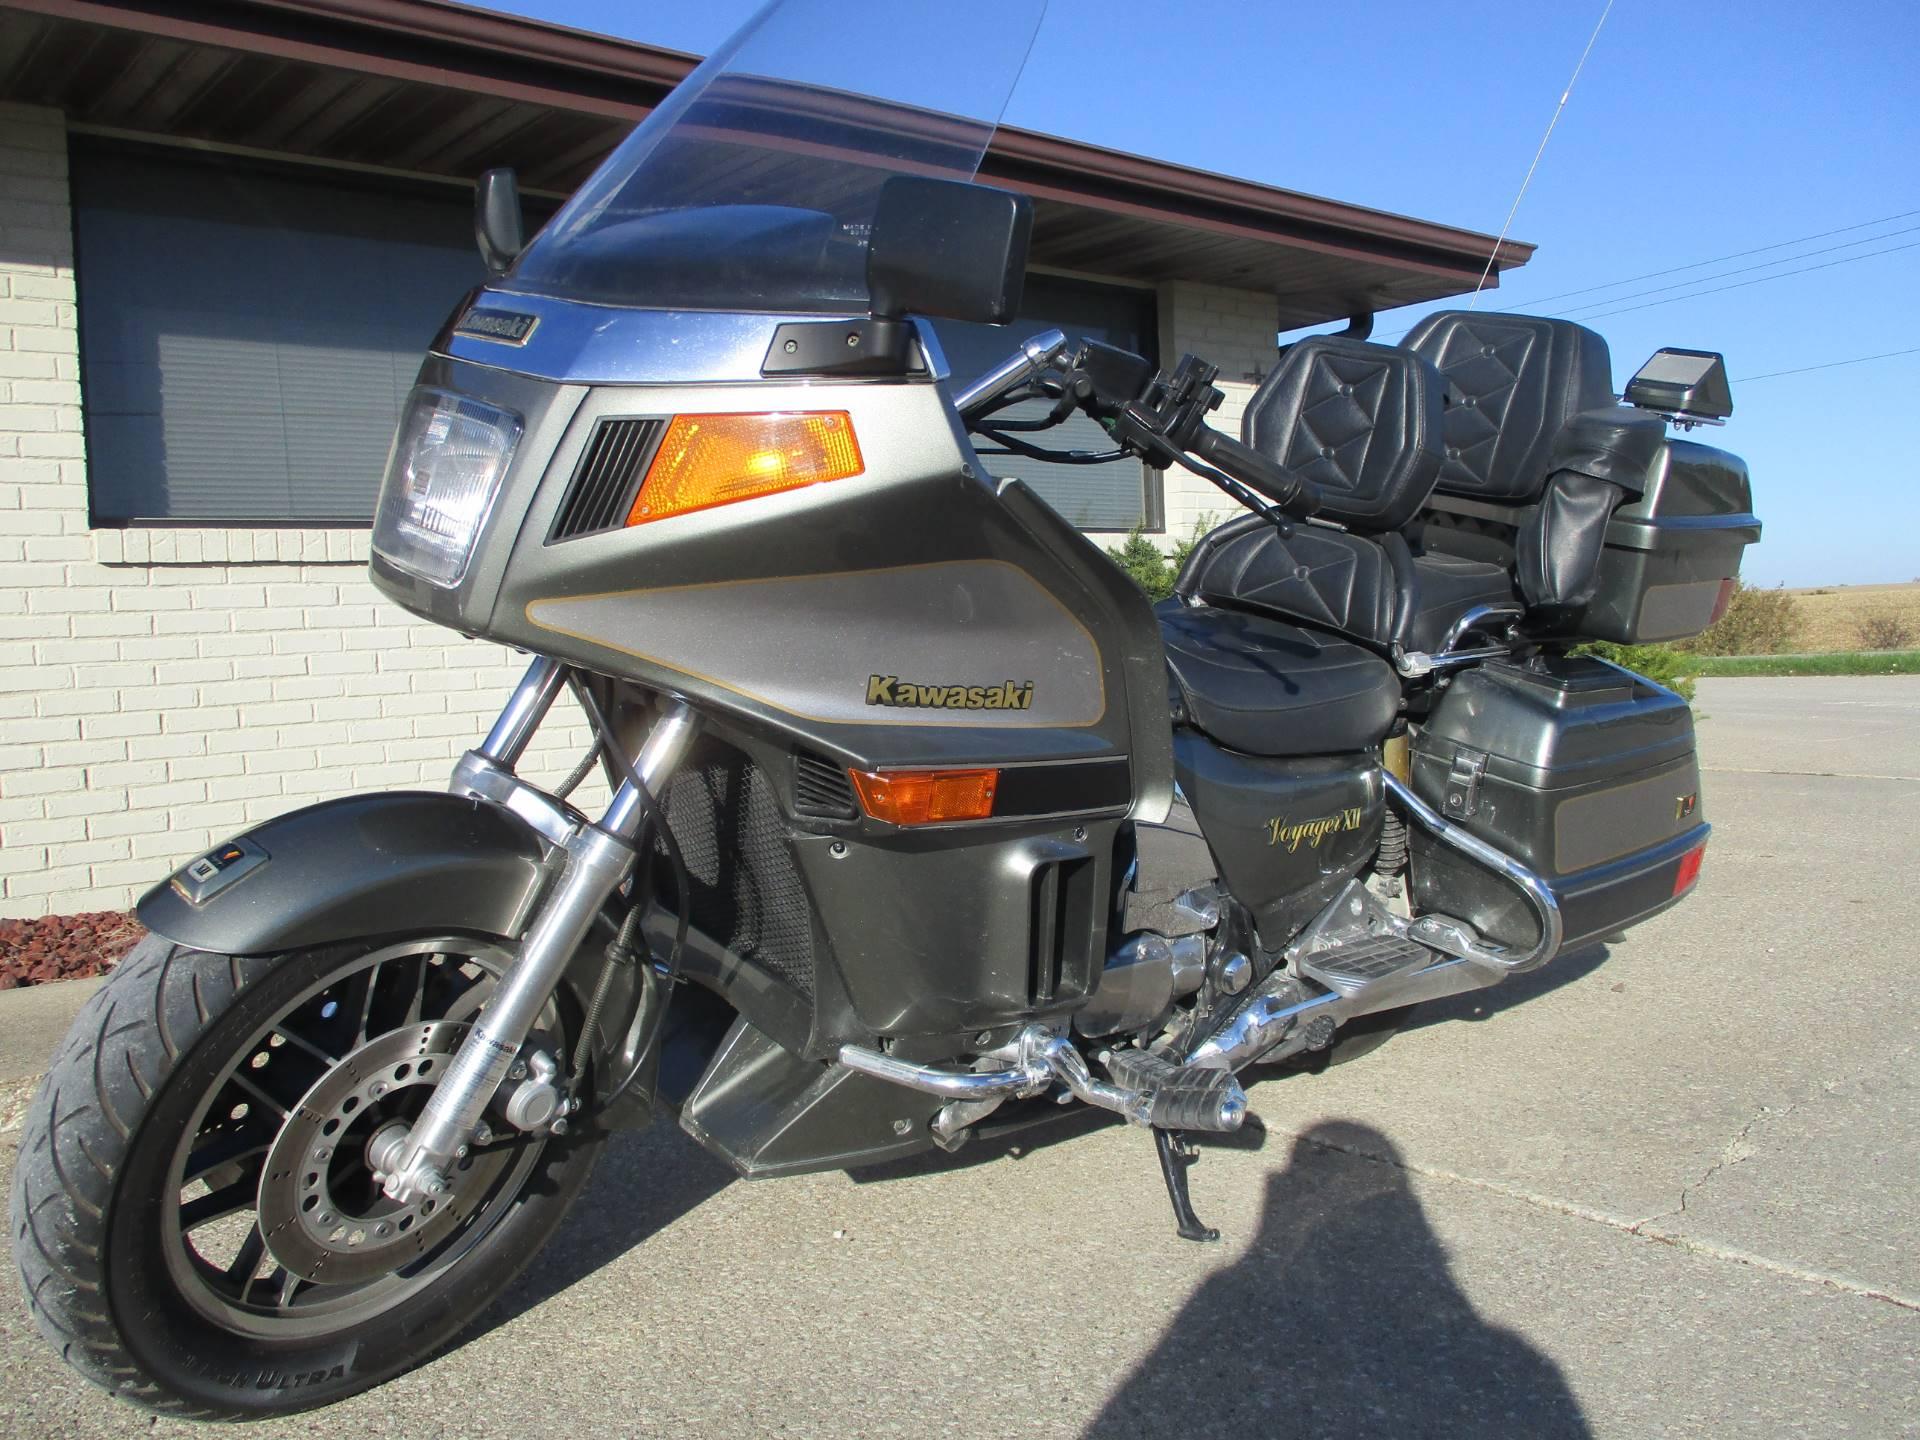 2003 Kawasaki Voyager XII 4